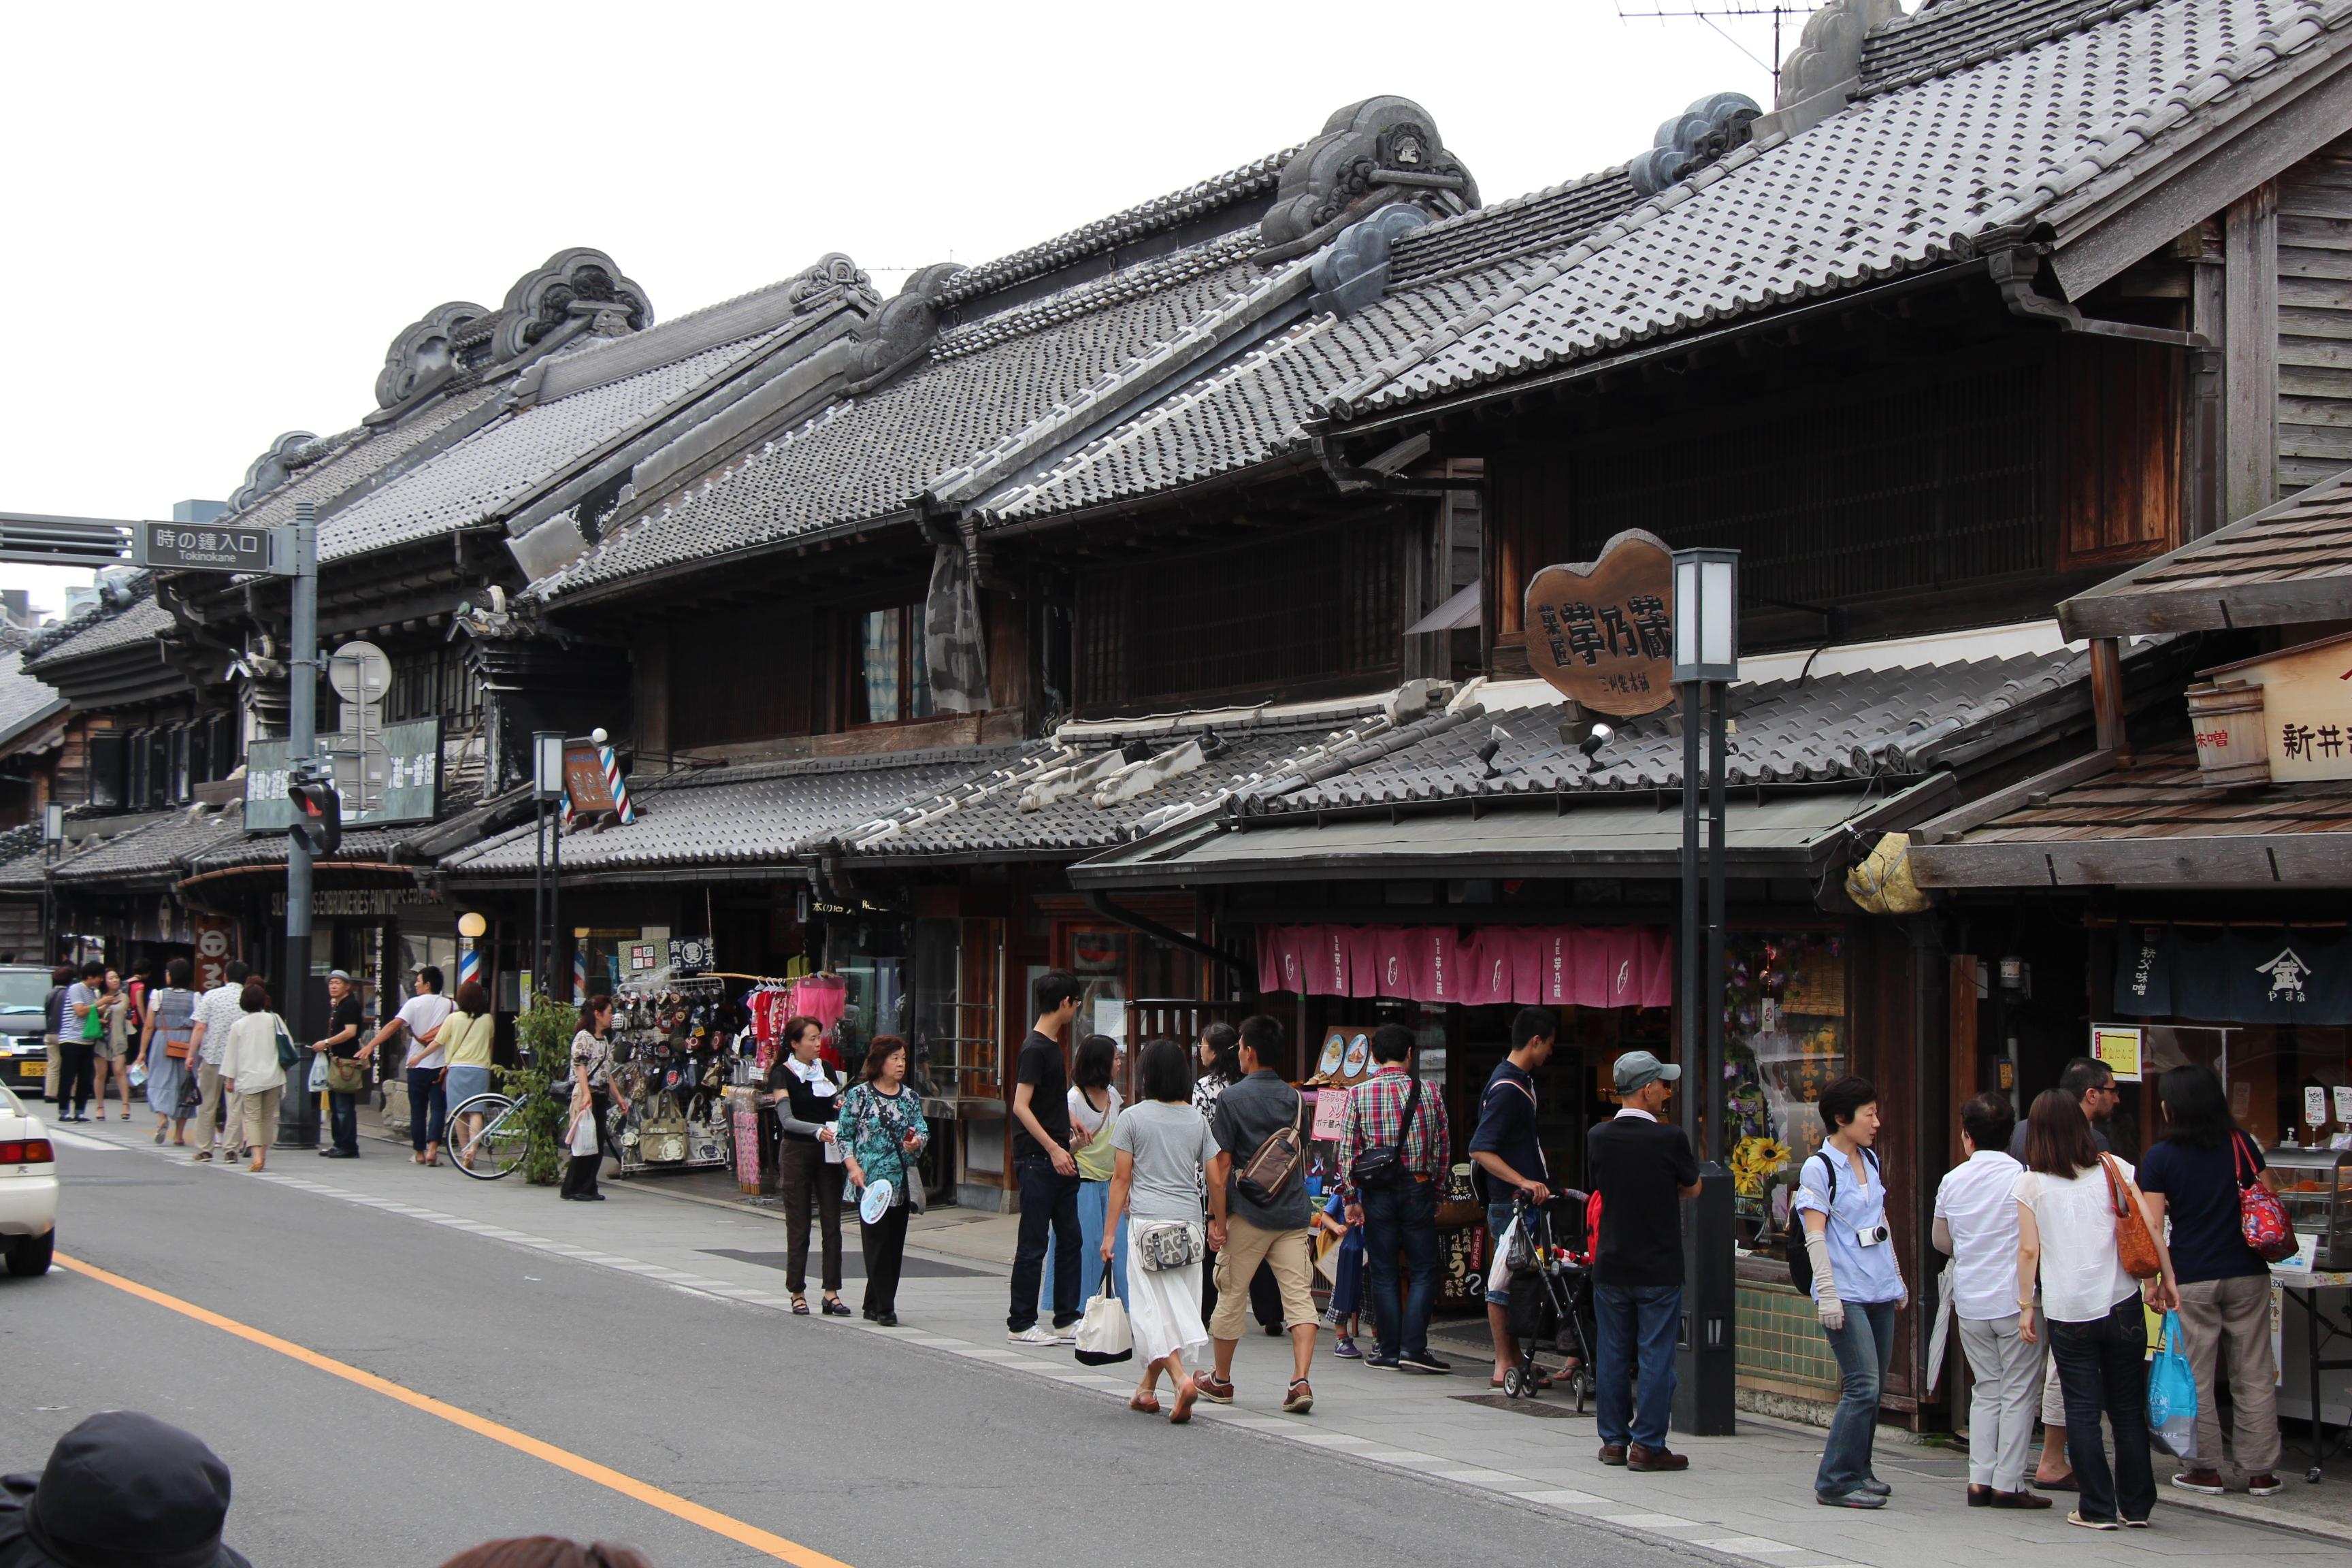 10 tempat wisata untuk berkunjung ke saitama jepang paket wisata rh tourjepang co id